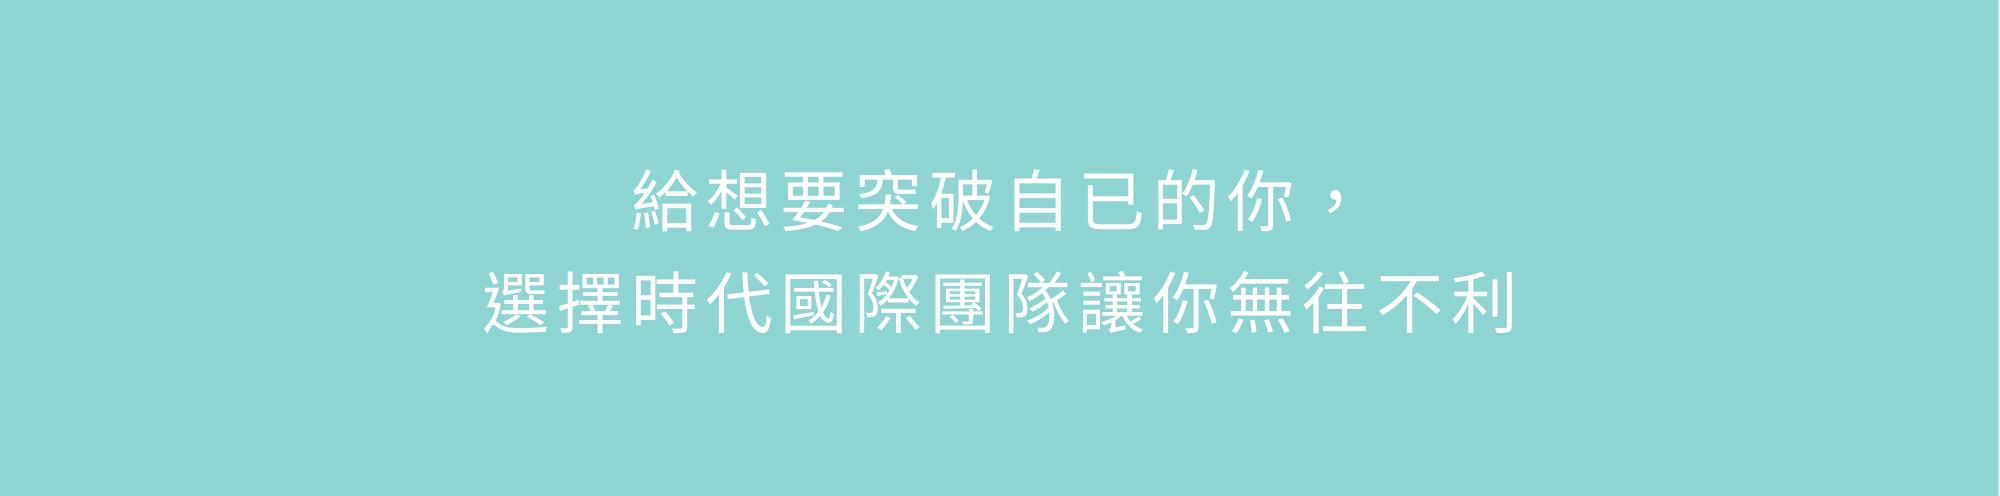 林智梅-TOEIC800-多益高分,多益補習班,補習班推薦,多益,考試,準備,台北多益補習